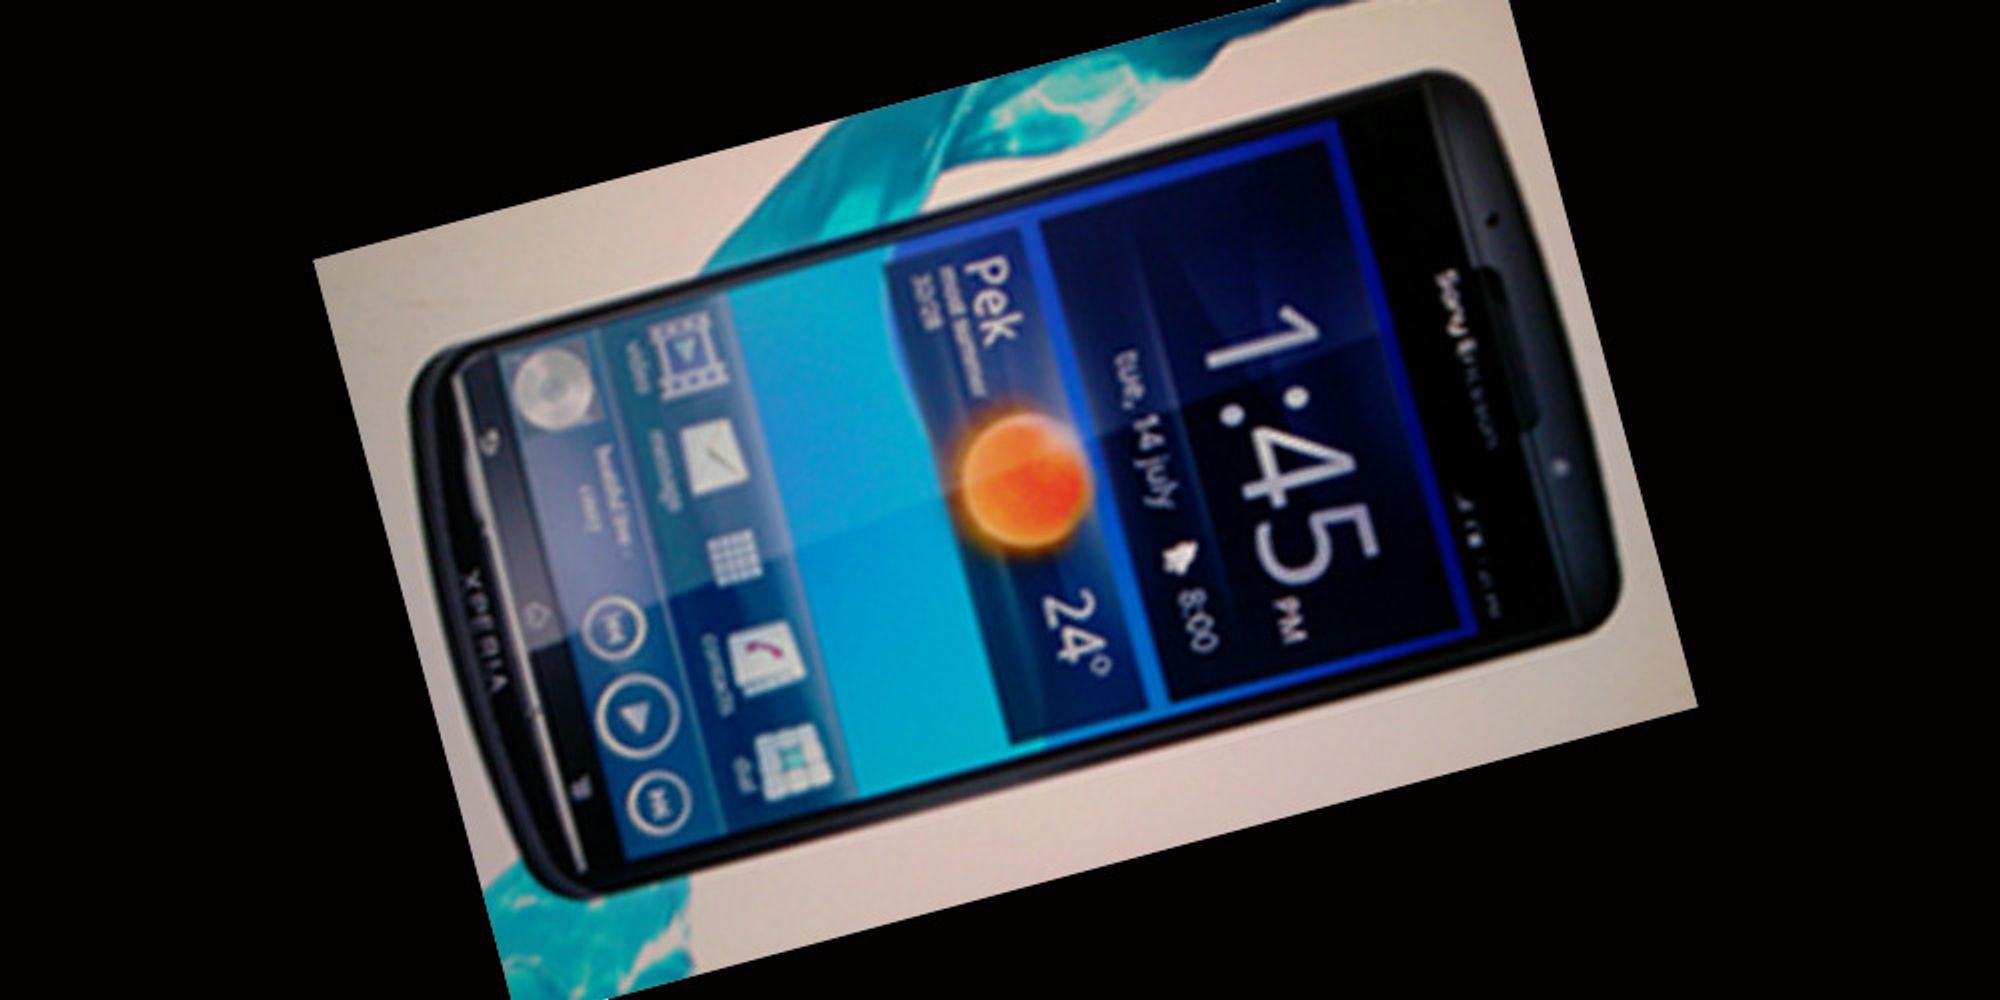 Er dette Sony Ericssons første Dual Core?